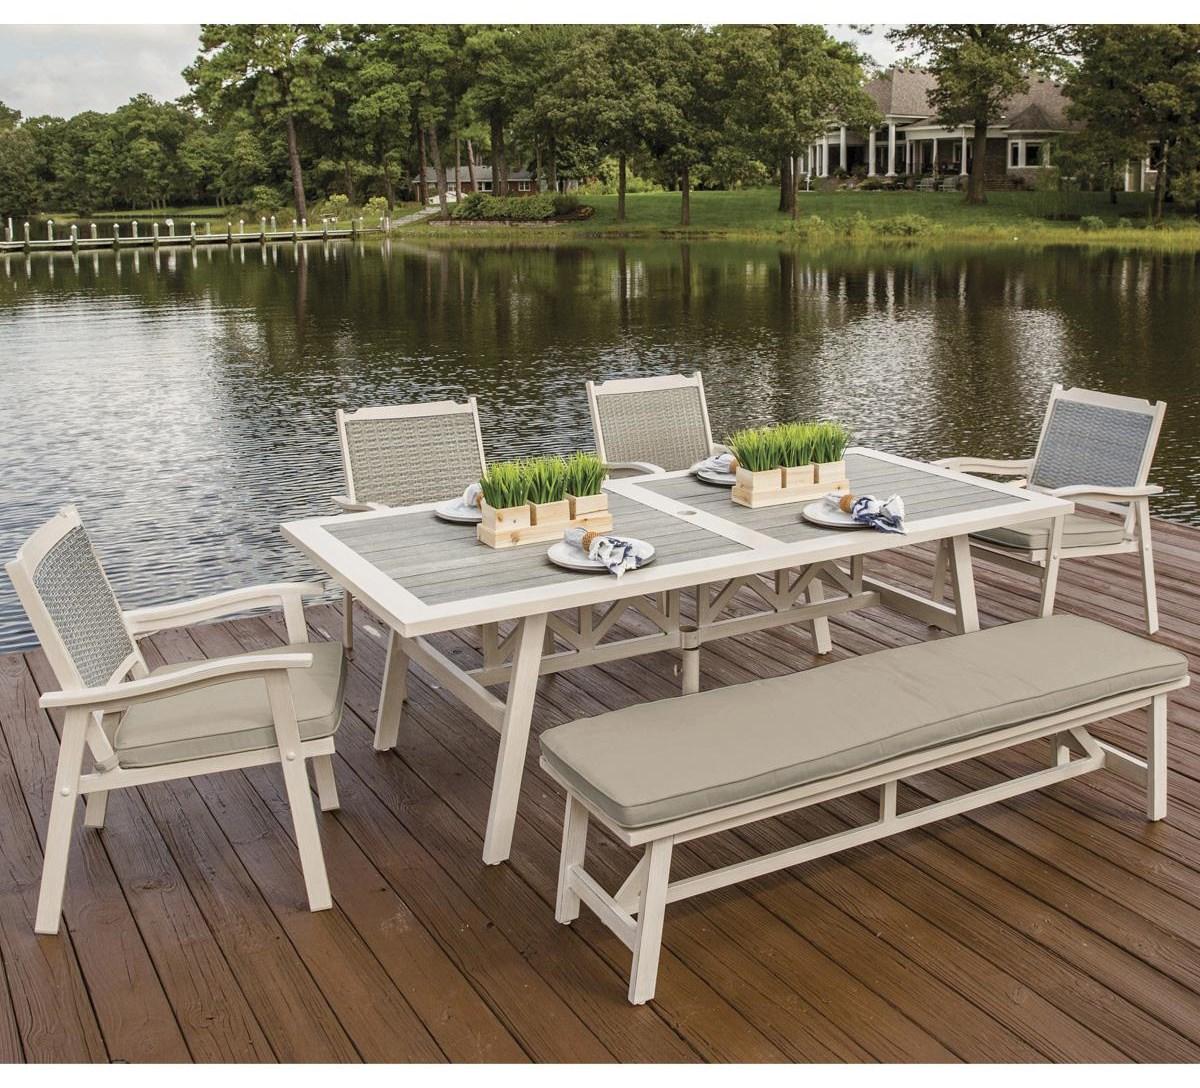 Alfresco belle terra outdoor dining set